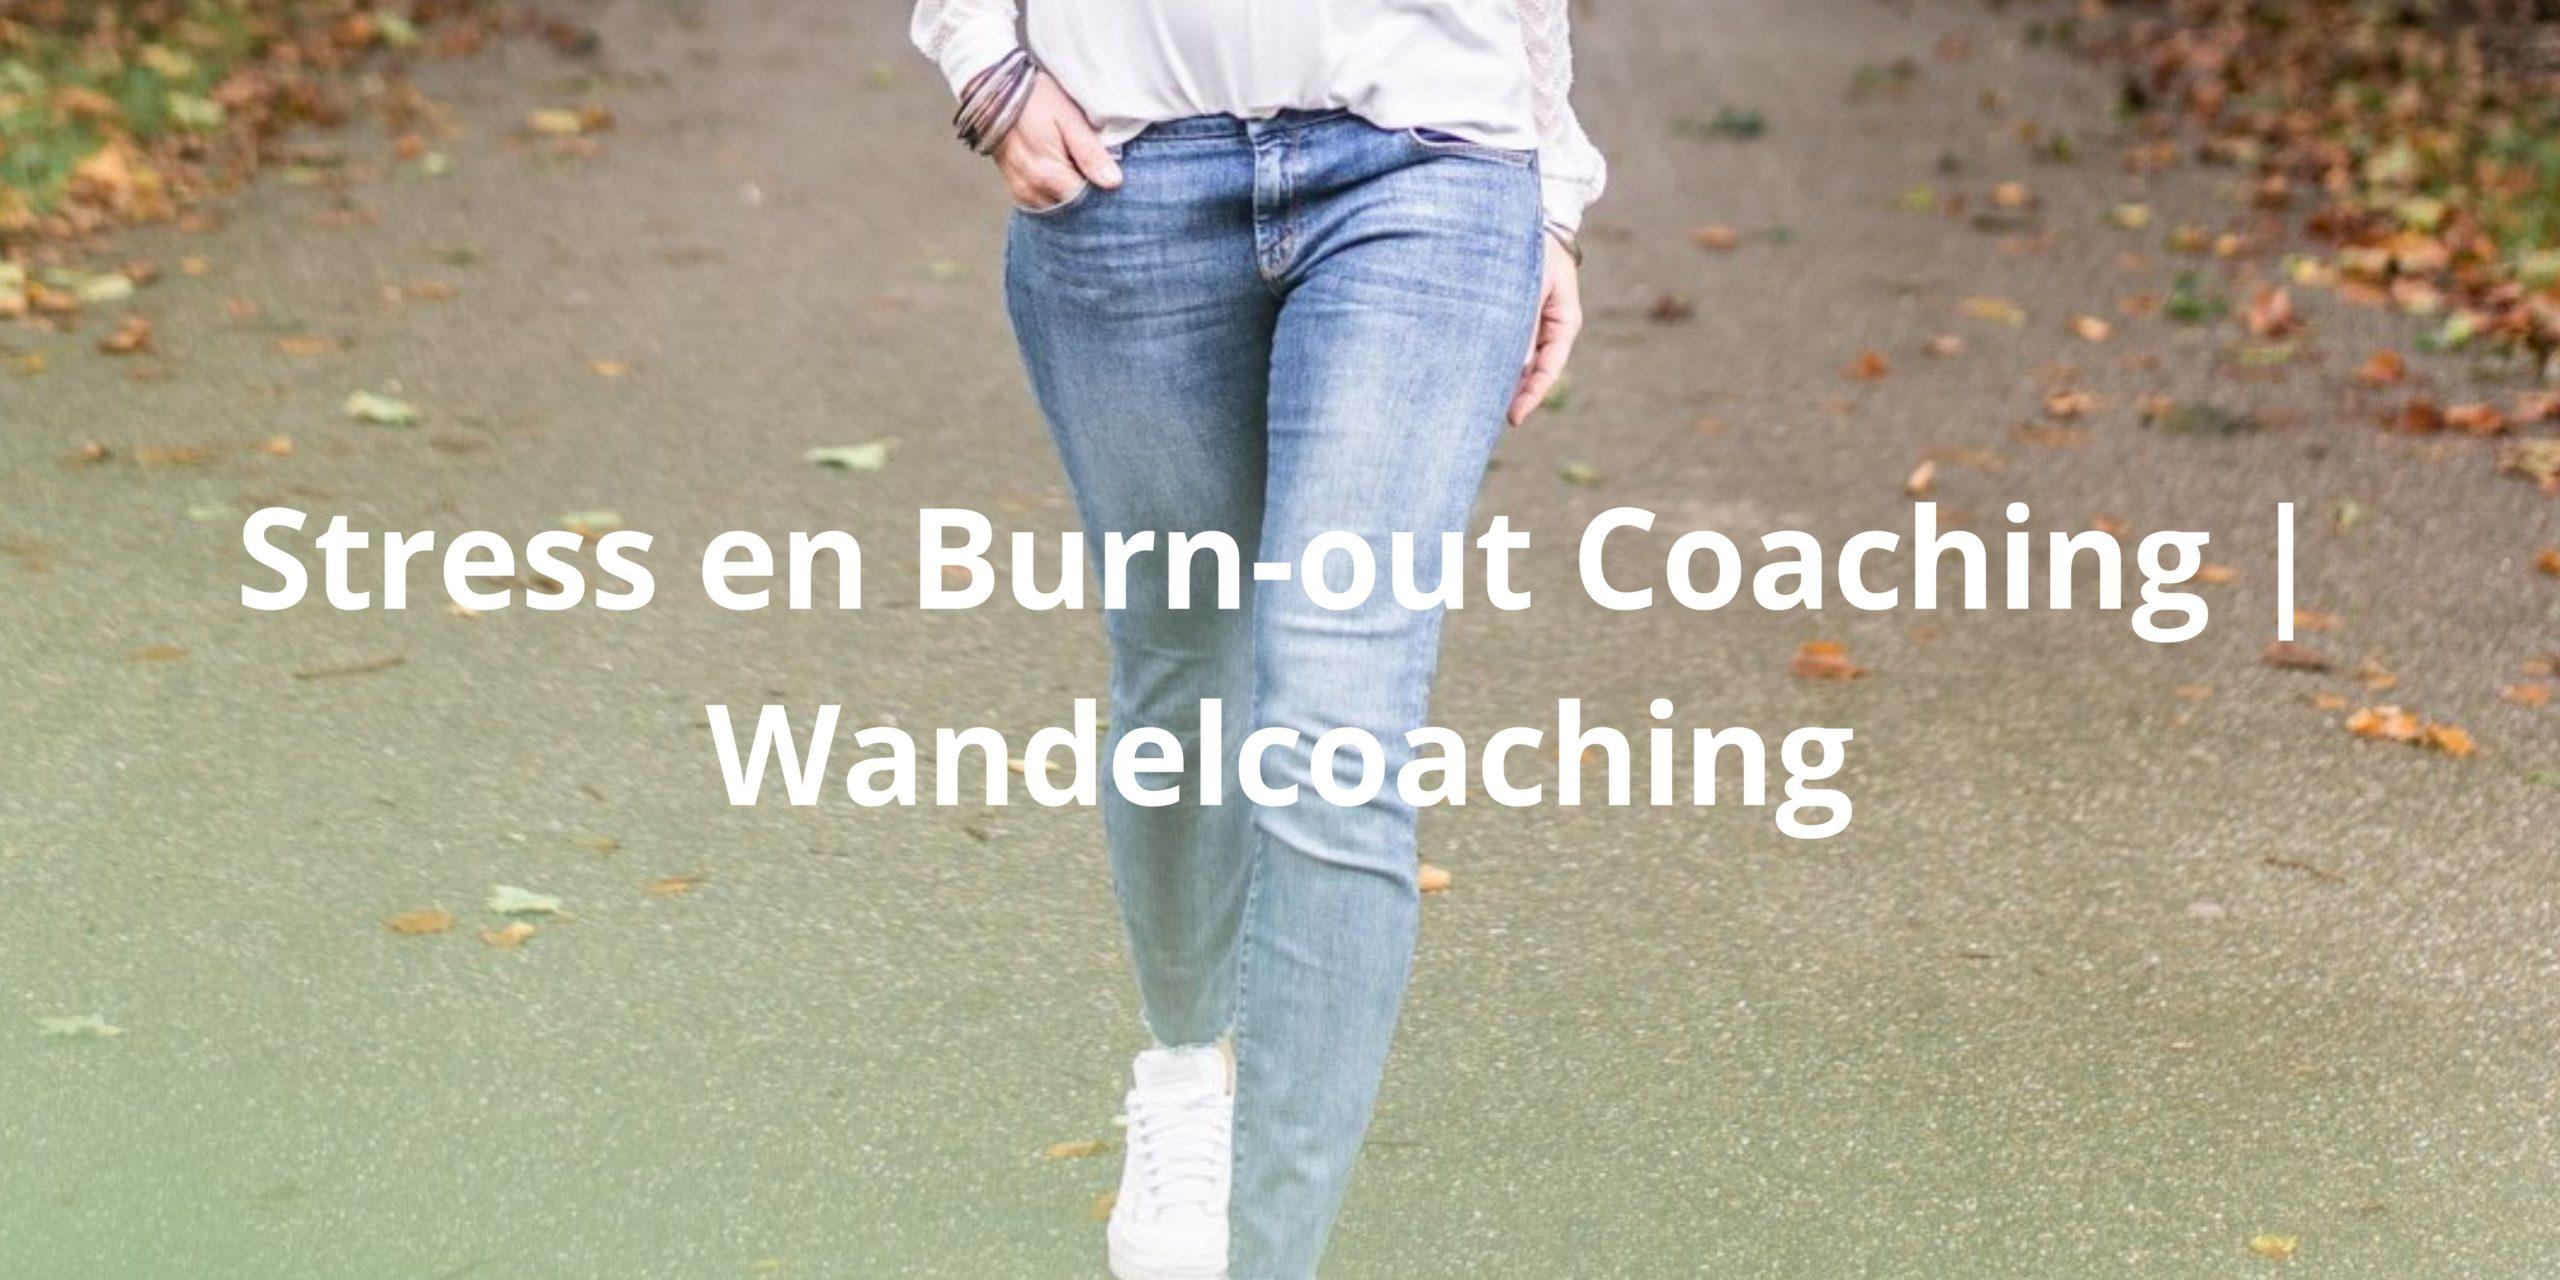 Stress en Burn-out coaching | Wandelcoaching